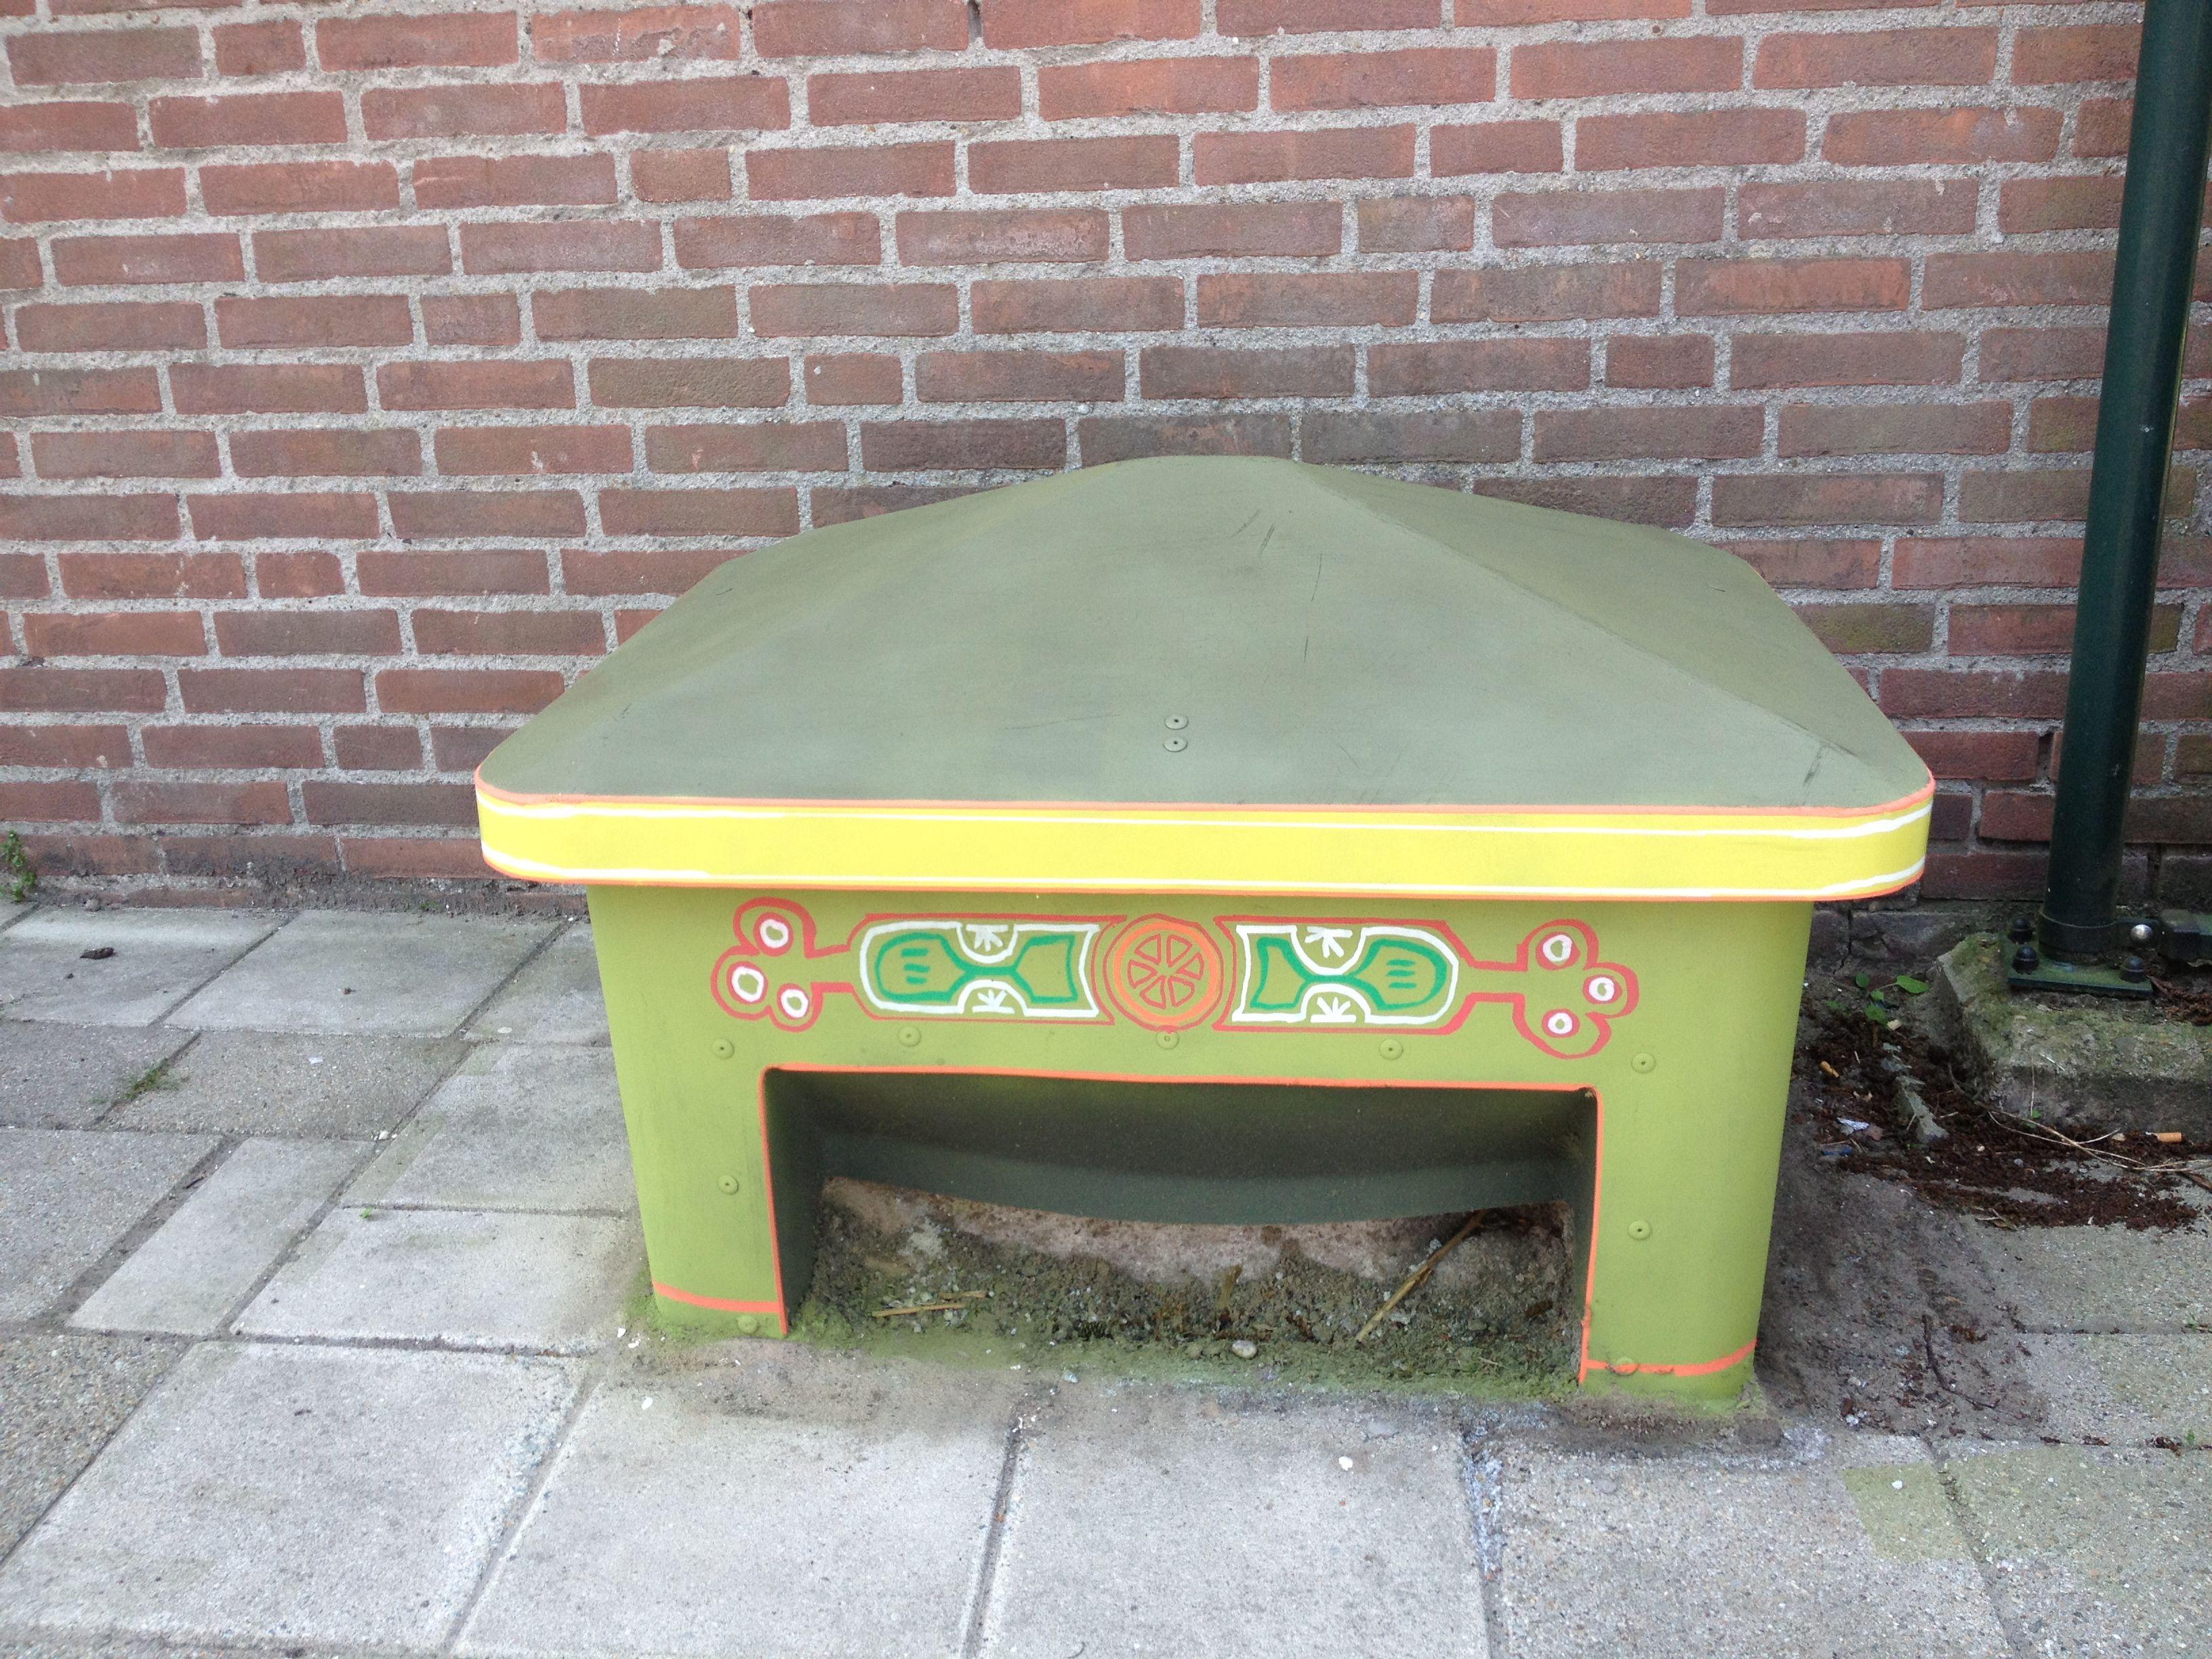 #streetart datsja Douke van den Ploeg for Denkbeelden van Yvette van der Does. www.denkbeelden.com